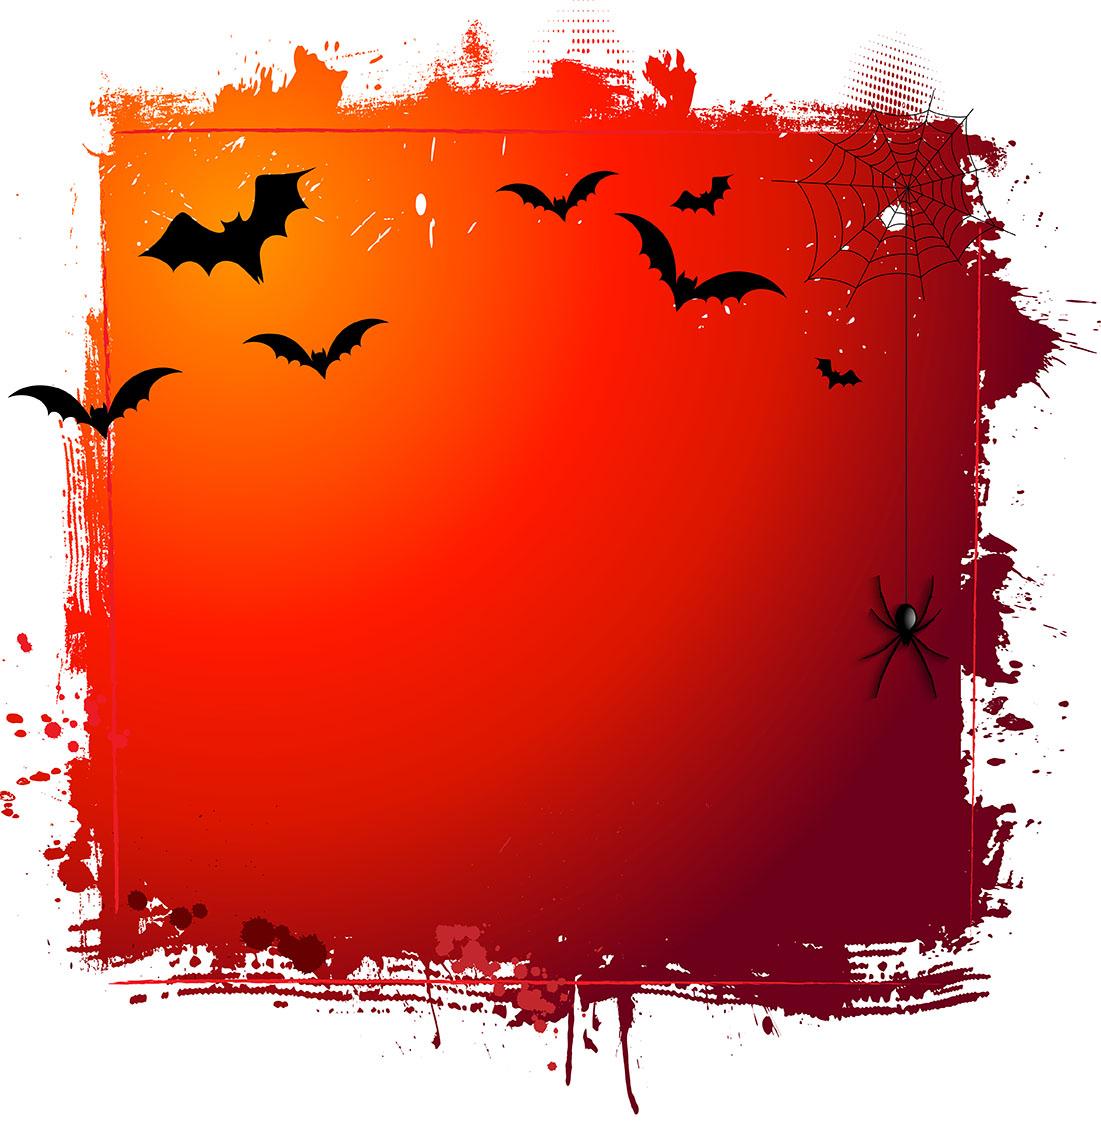 Halloween grunge background - Download Free Vectors ...